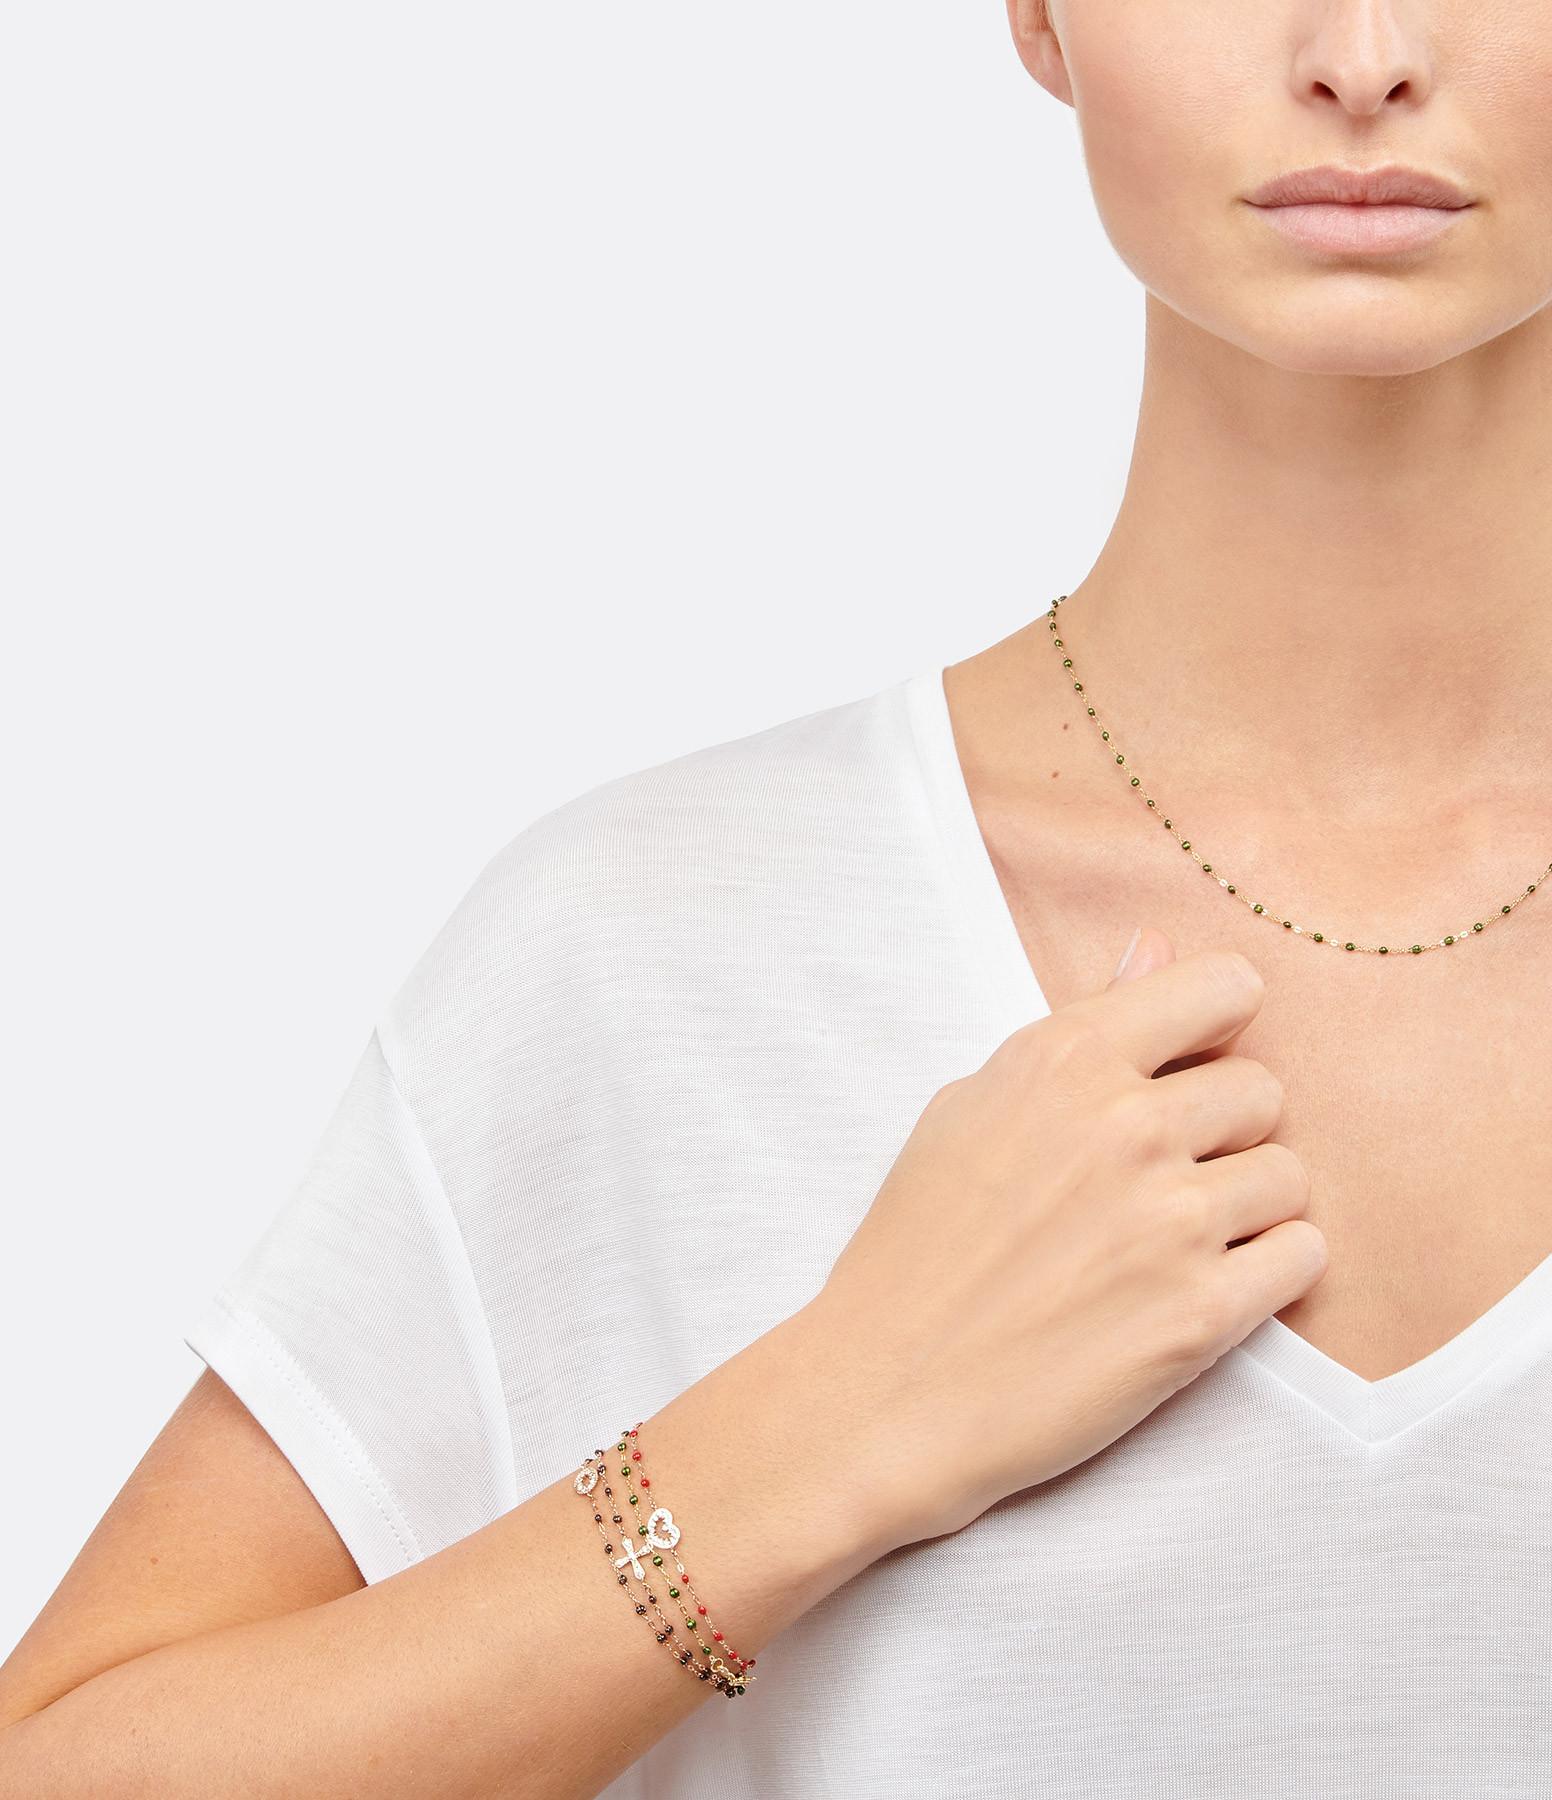 GIGI CLOZEAU - Bracelet Résine Croix Vintage Diamants Or jaune